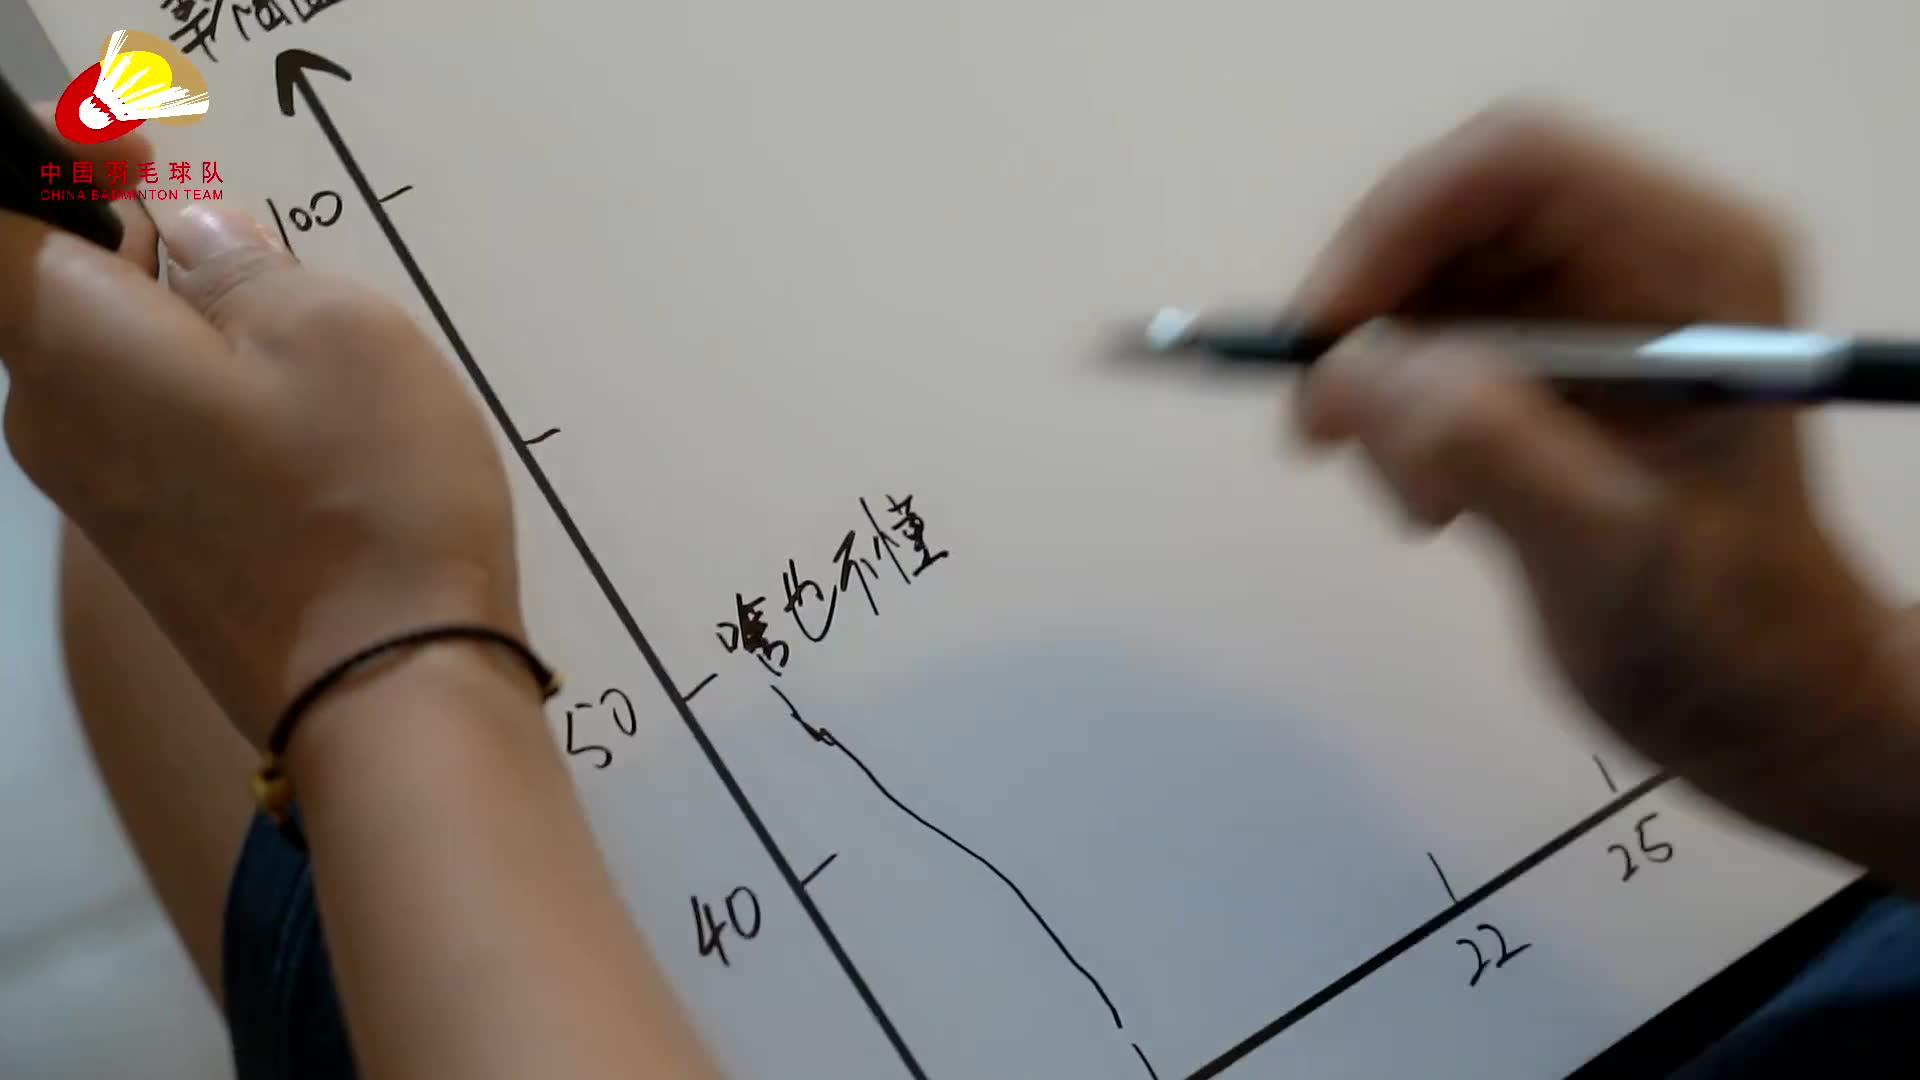 国羽的幸福曲线丨黄东萍随着年龄的增长,心态越来越成熟